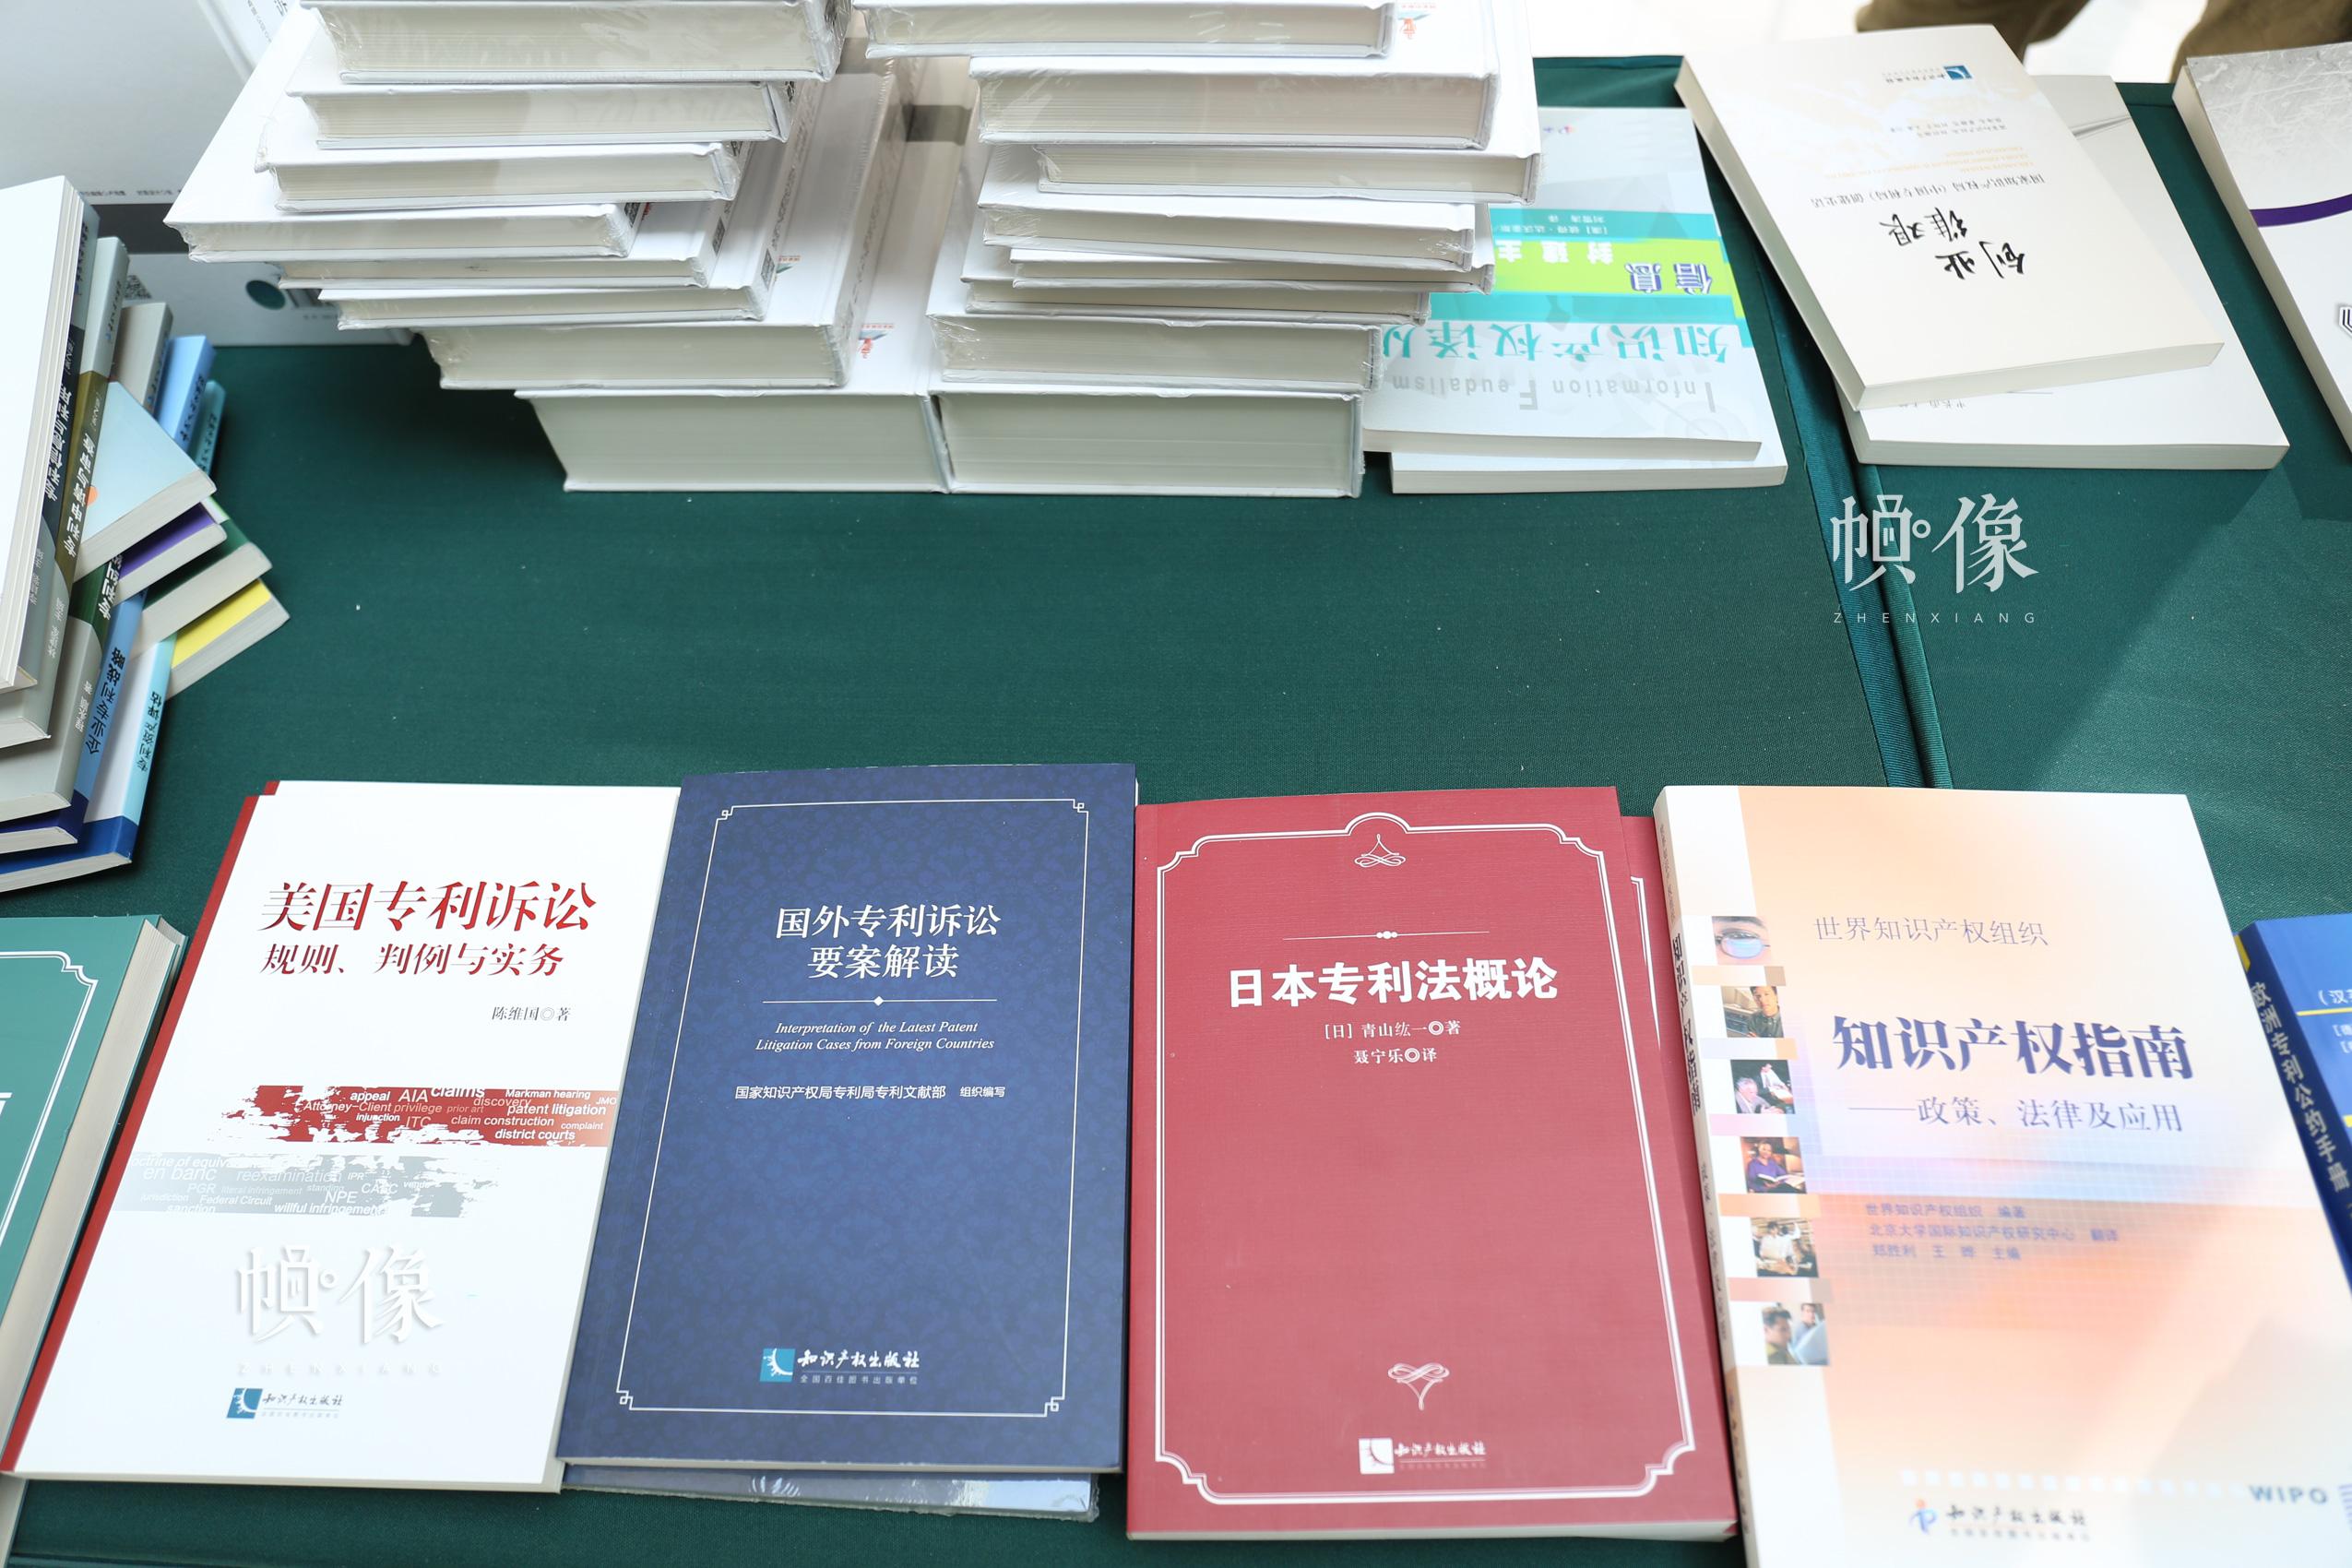 2017年4月20日,2017中国知识产权保护高层论坛开始前大厅展台上码放的部分知识产权相关书籍。 中国网记者 赵超 摄